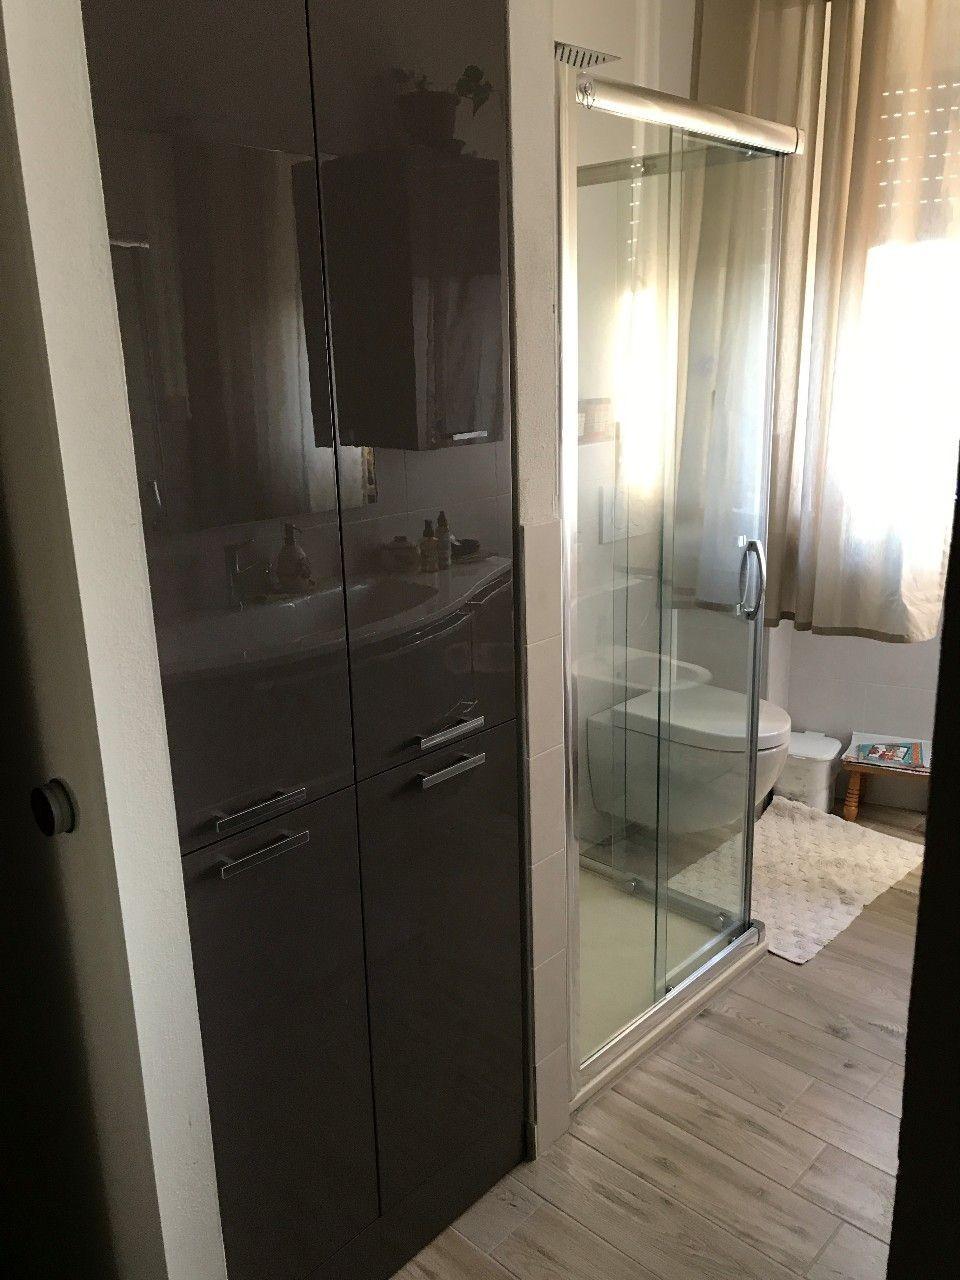 Mobile arredo bagno con incasso lavatrice vivere il bagno mypushop - Mobile bagno con lavatrice ...